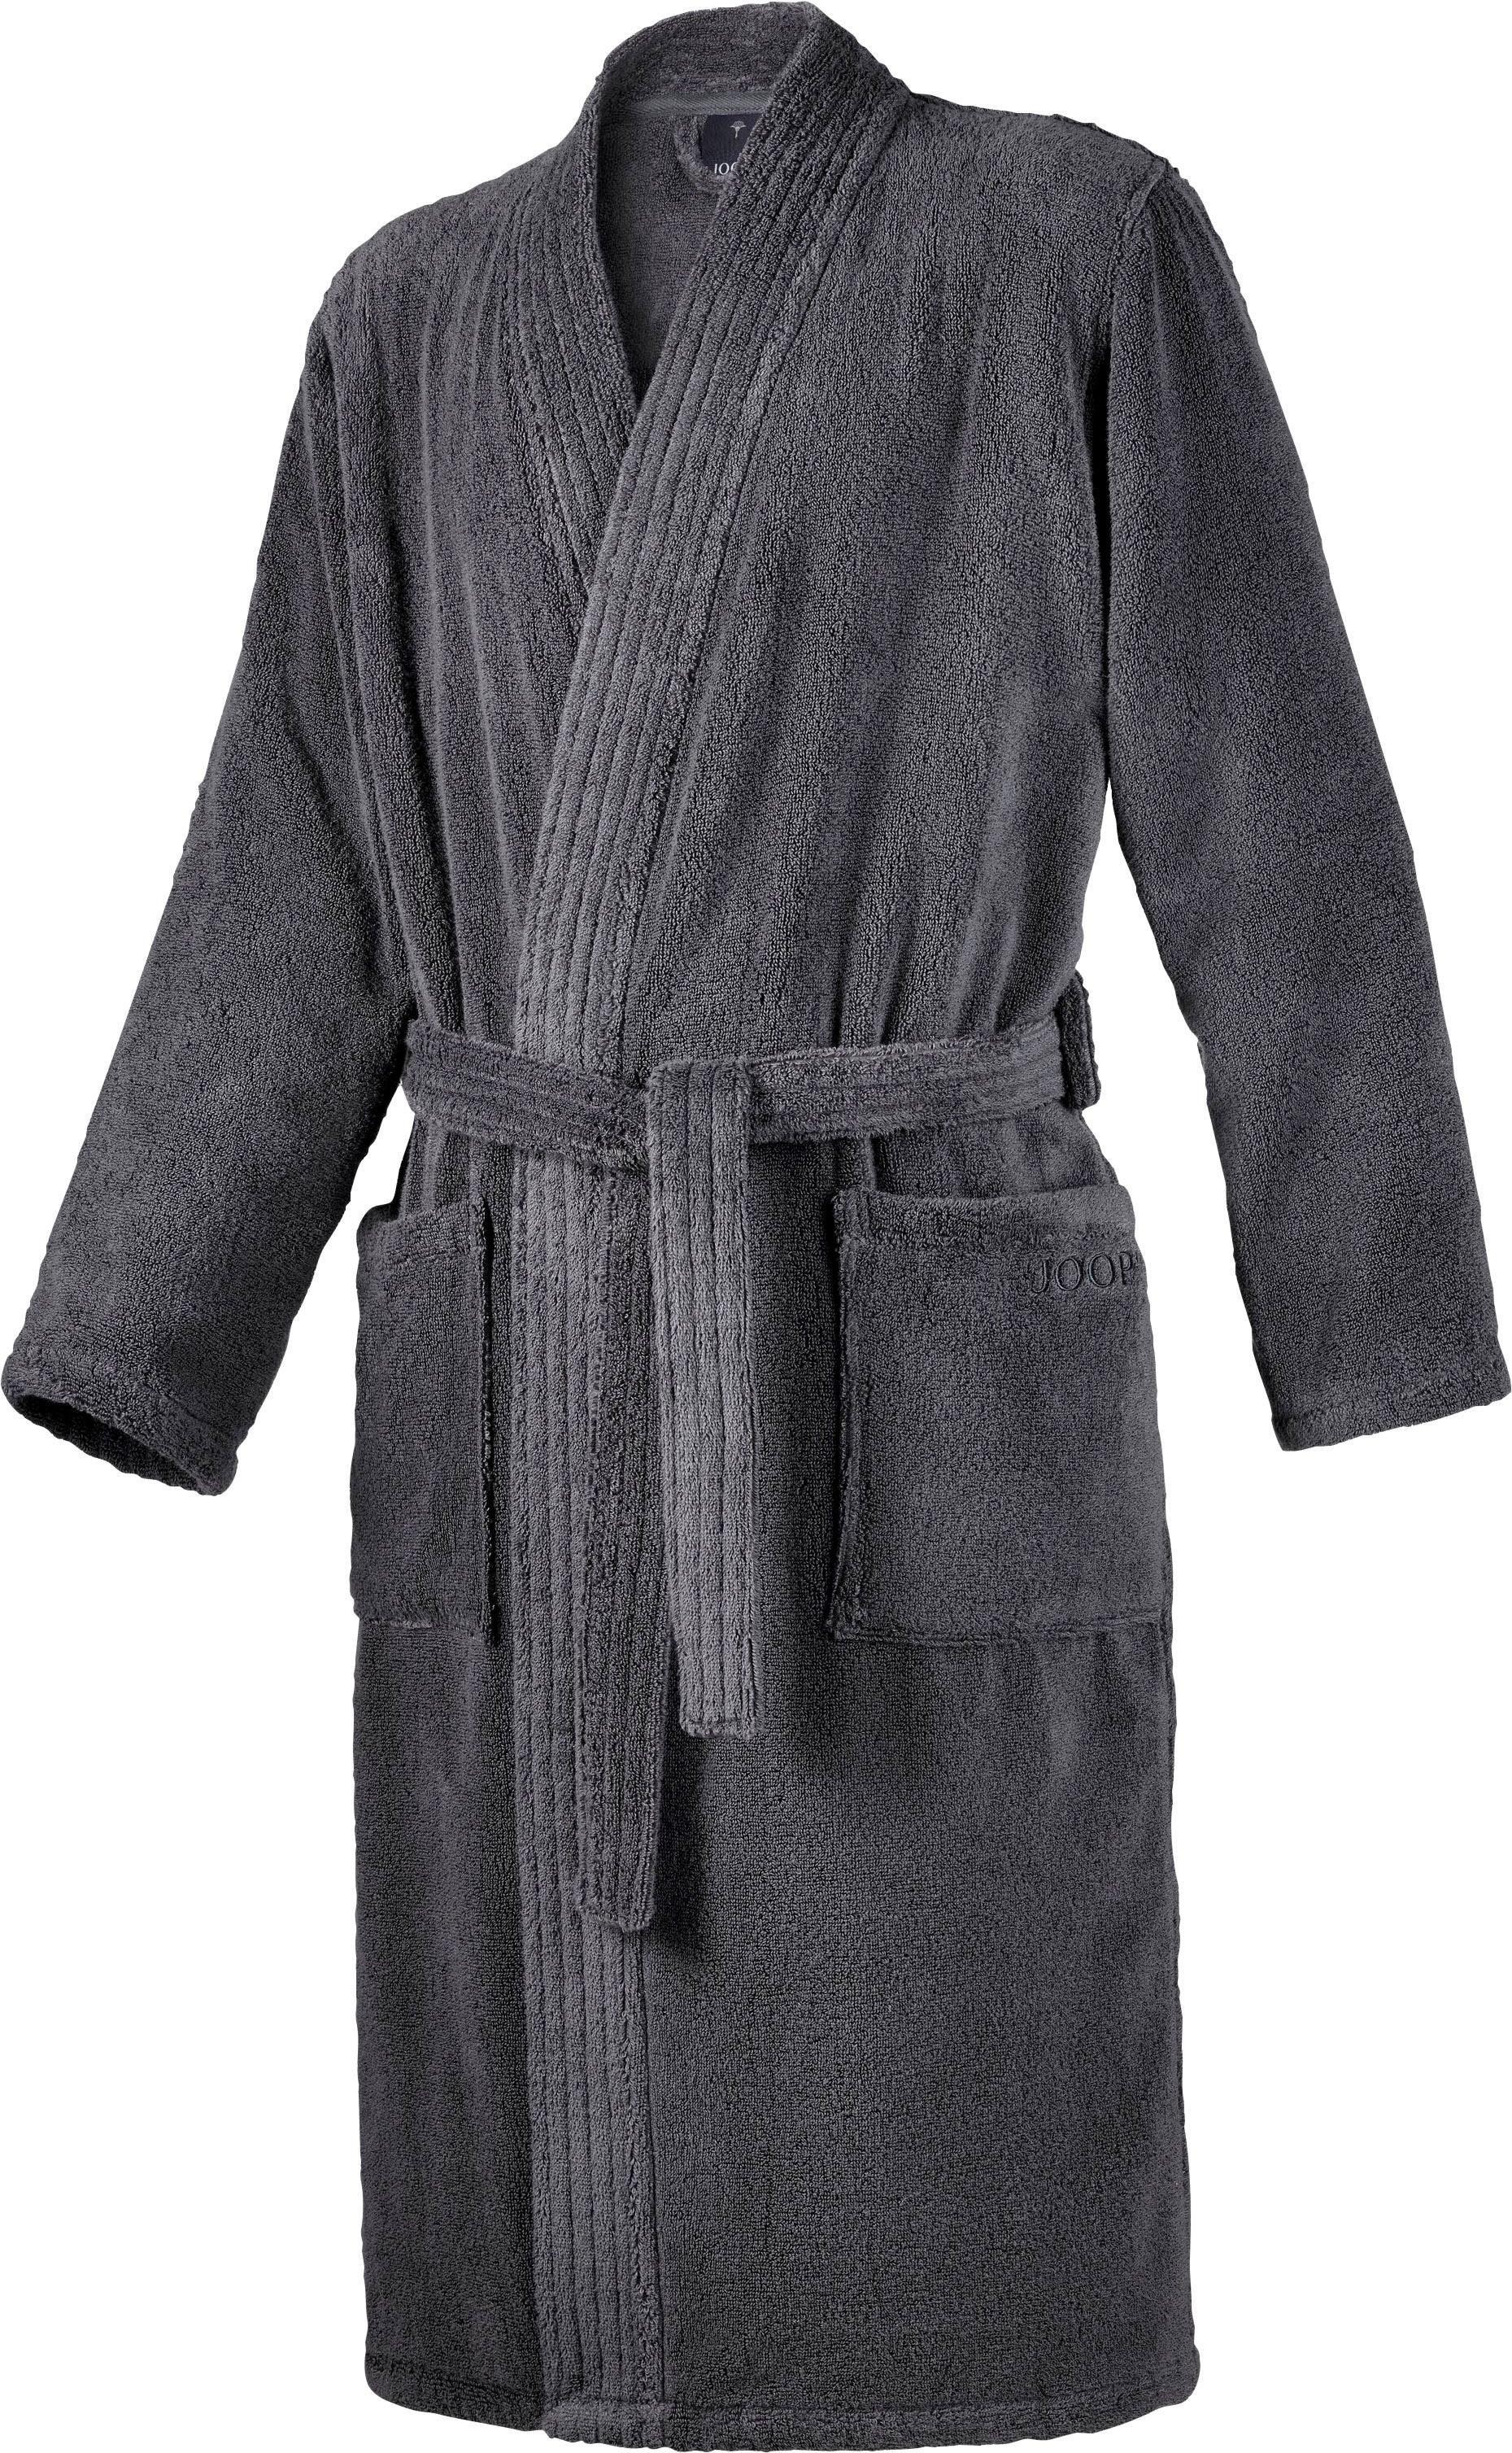 Herrenbademantel Kimono 1647 Joop! | Bekleidung > Wäsche | Joop!